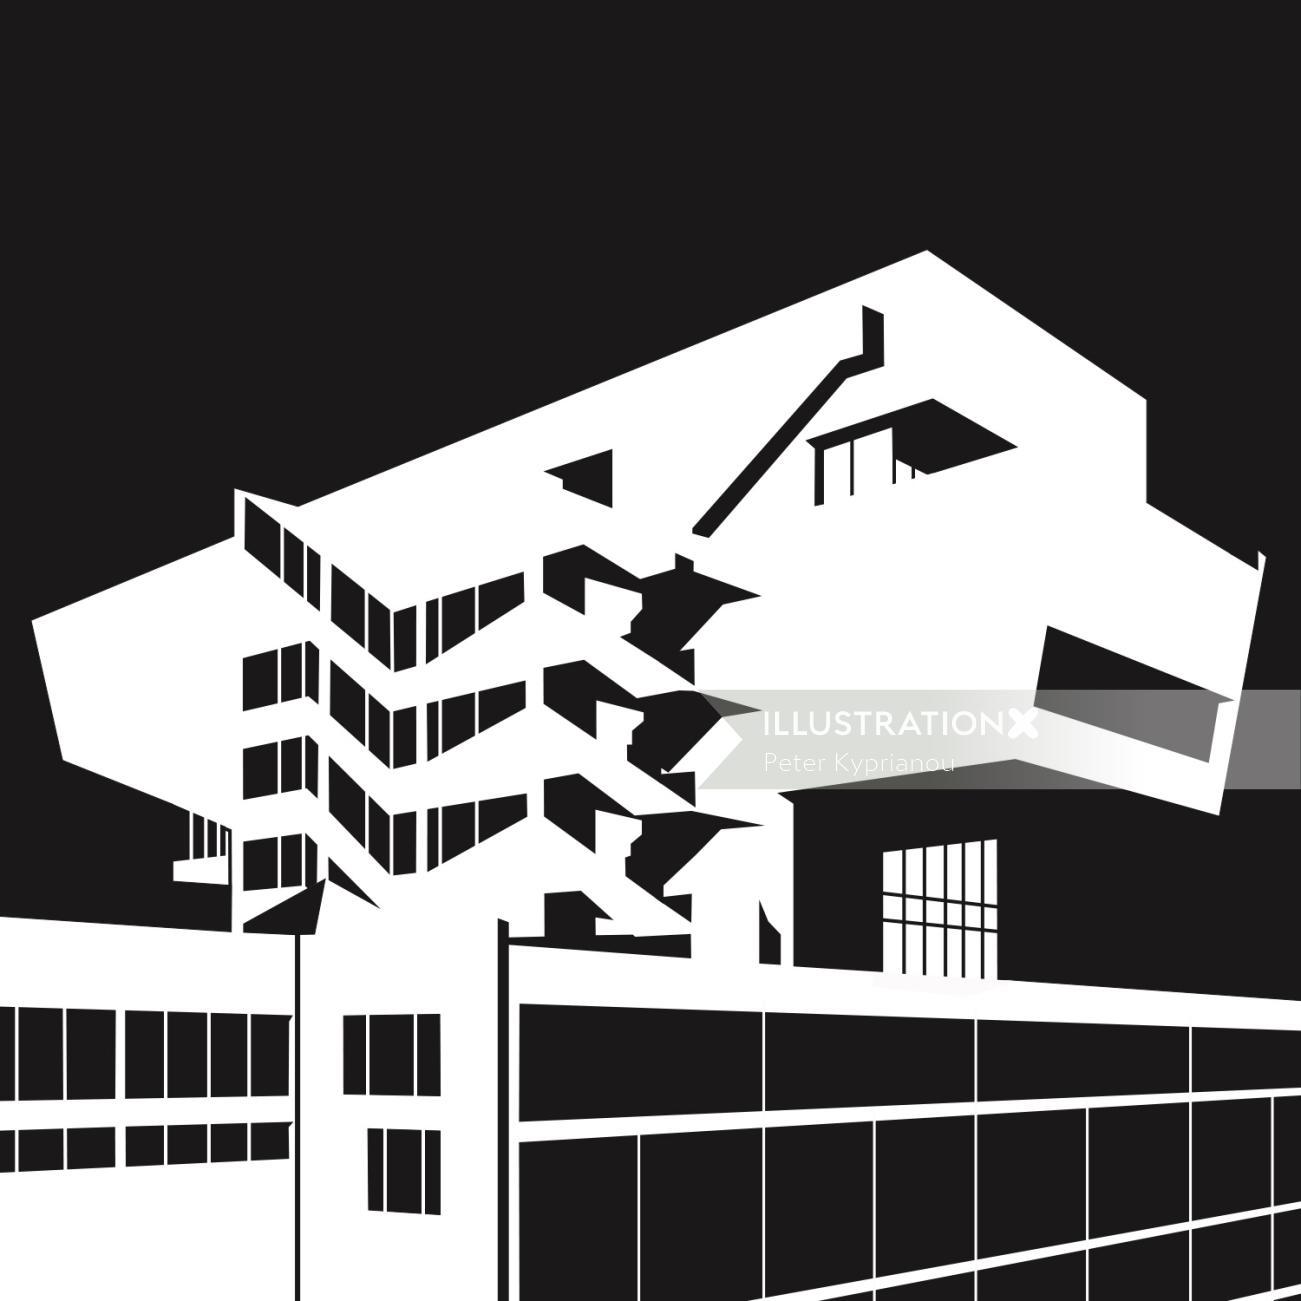 Black & white Building architecture